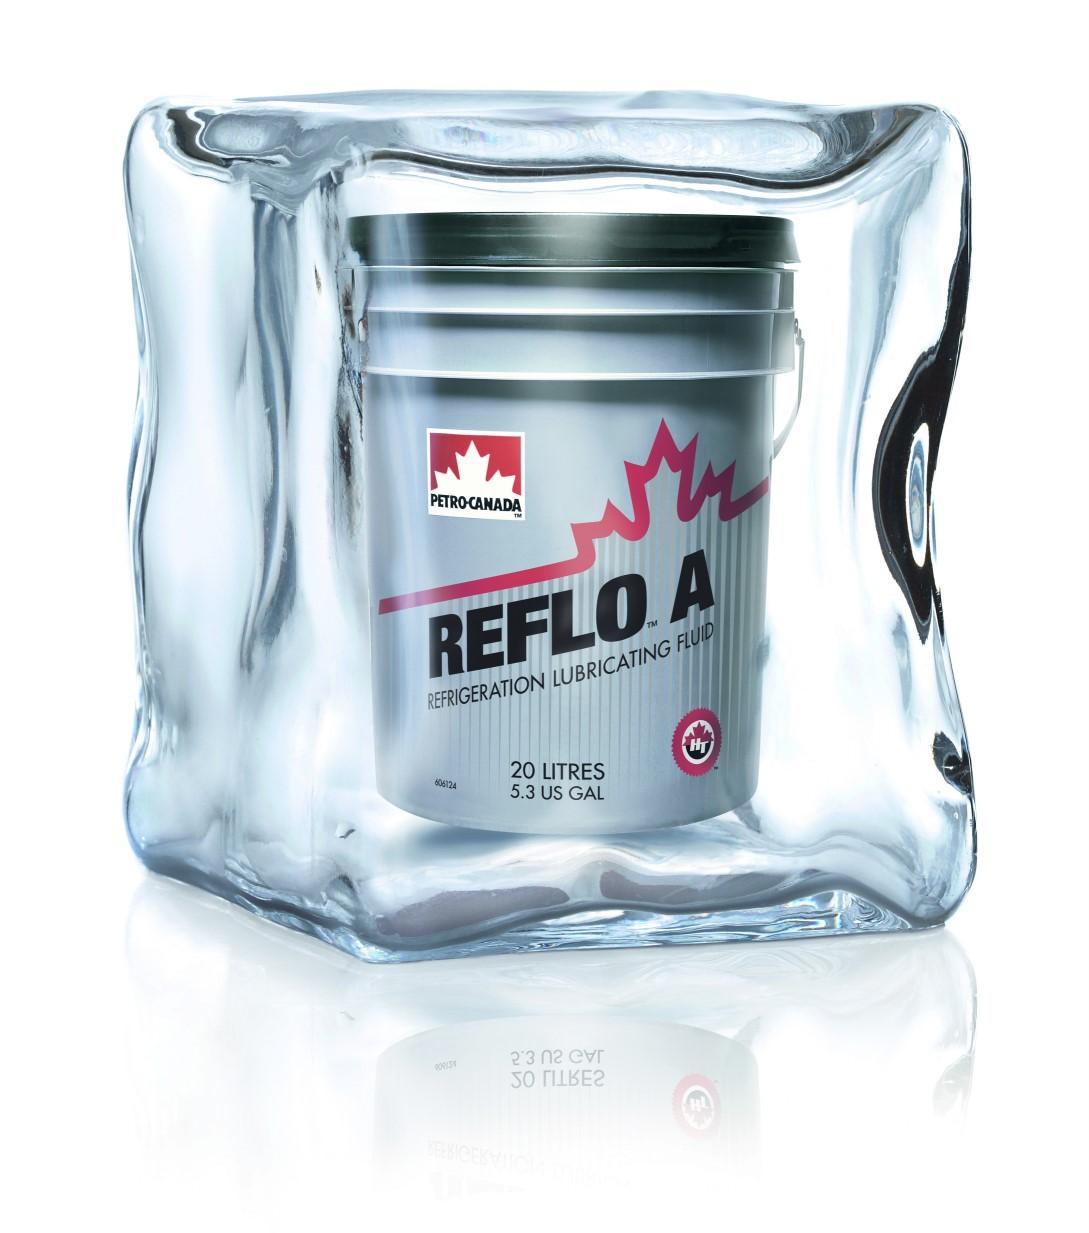 Congelate i costi di manutenzione con REFLO